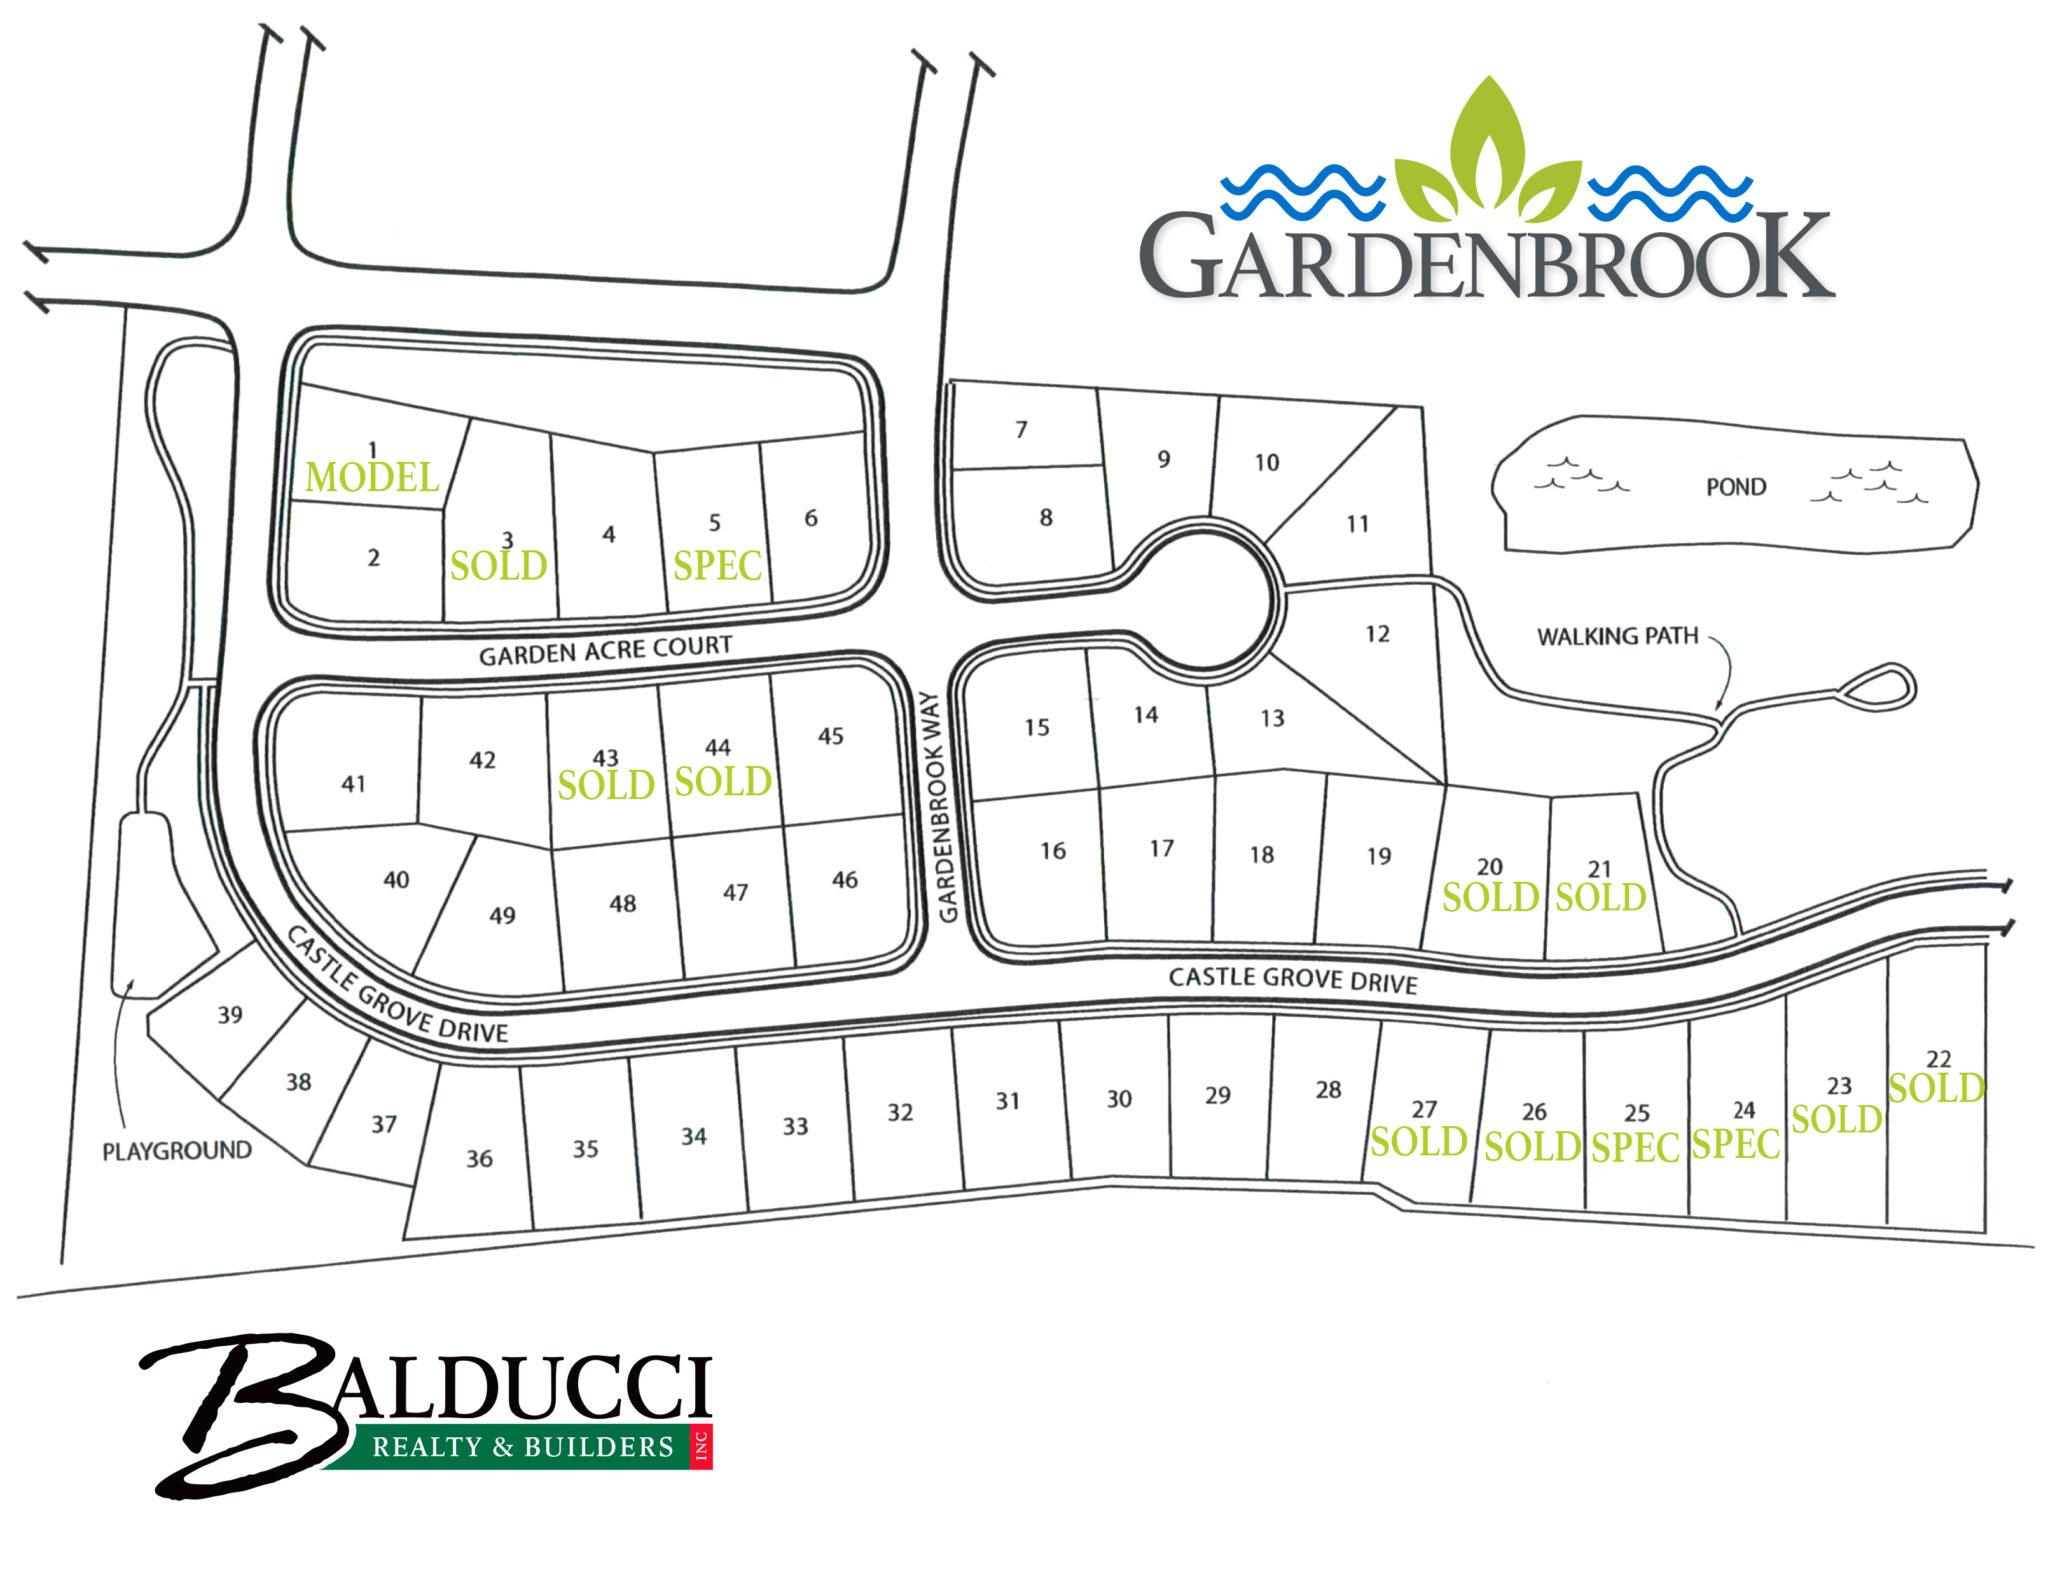 https://gardenbrookhomes.com/wp-content/uploads/2016/06/gardenbrook_plat-4.jpg